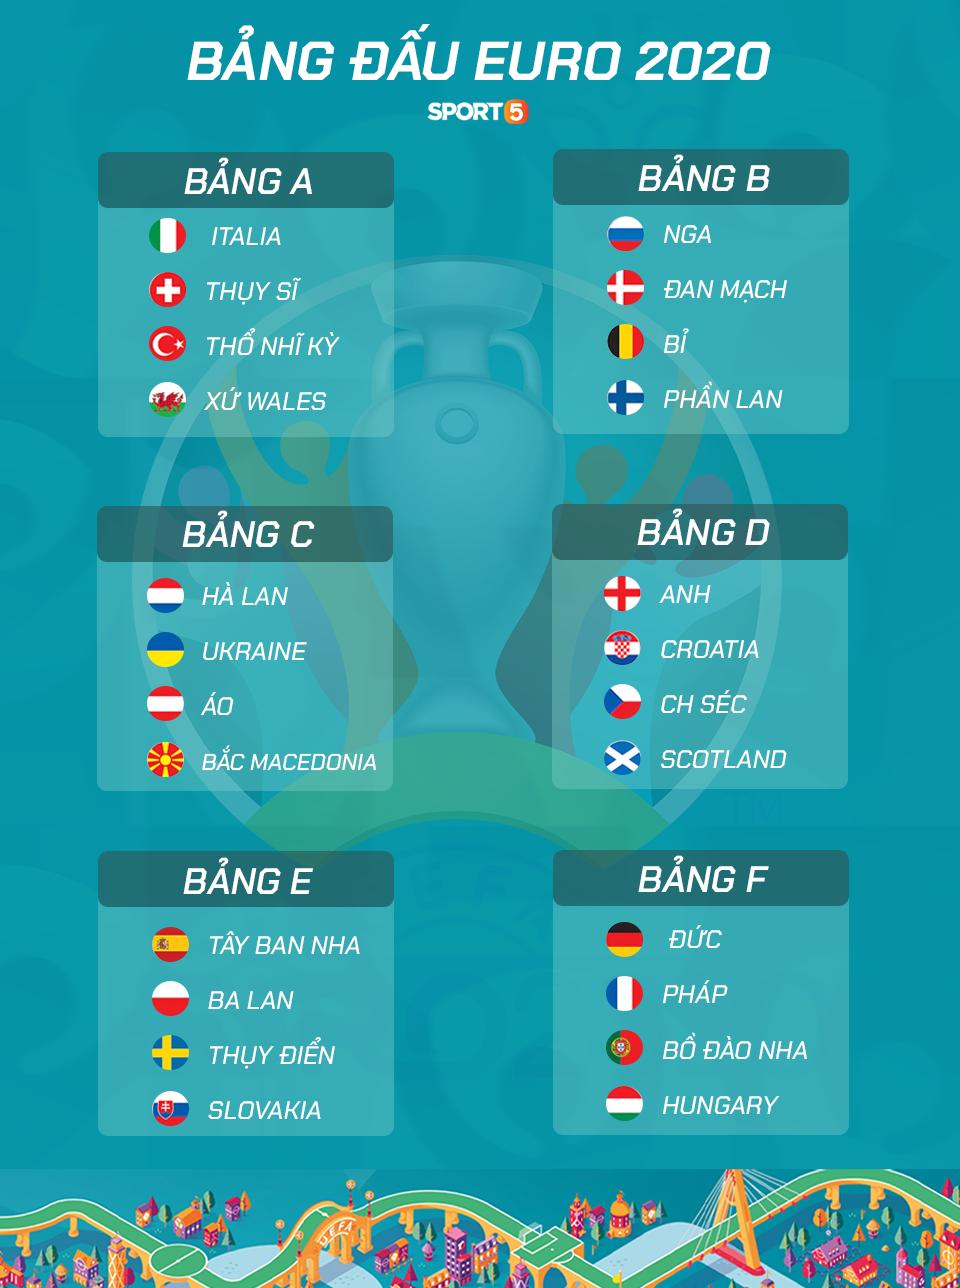 Toàn bộ thông tin cần biết về Euro 2020 - giải đấu đặc biệt nhất lịch sử bóng đá sẽ khai mạc đêm nay - Ảnh 4.